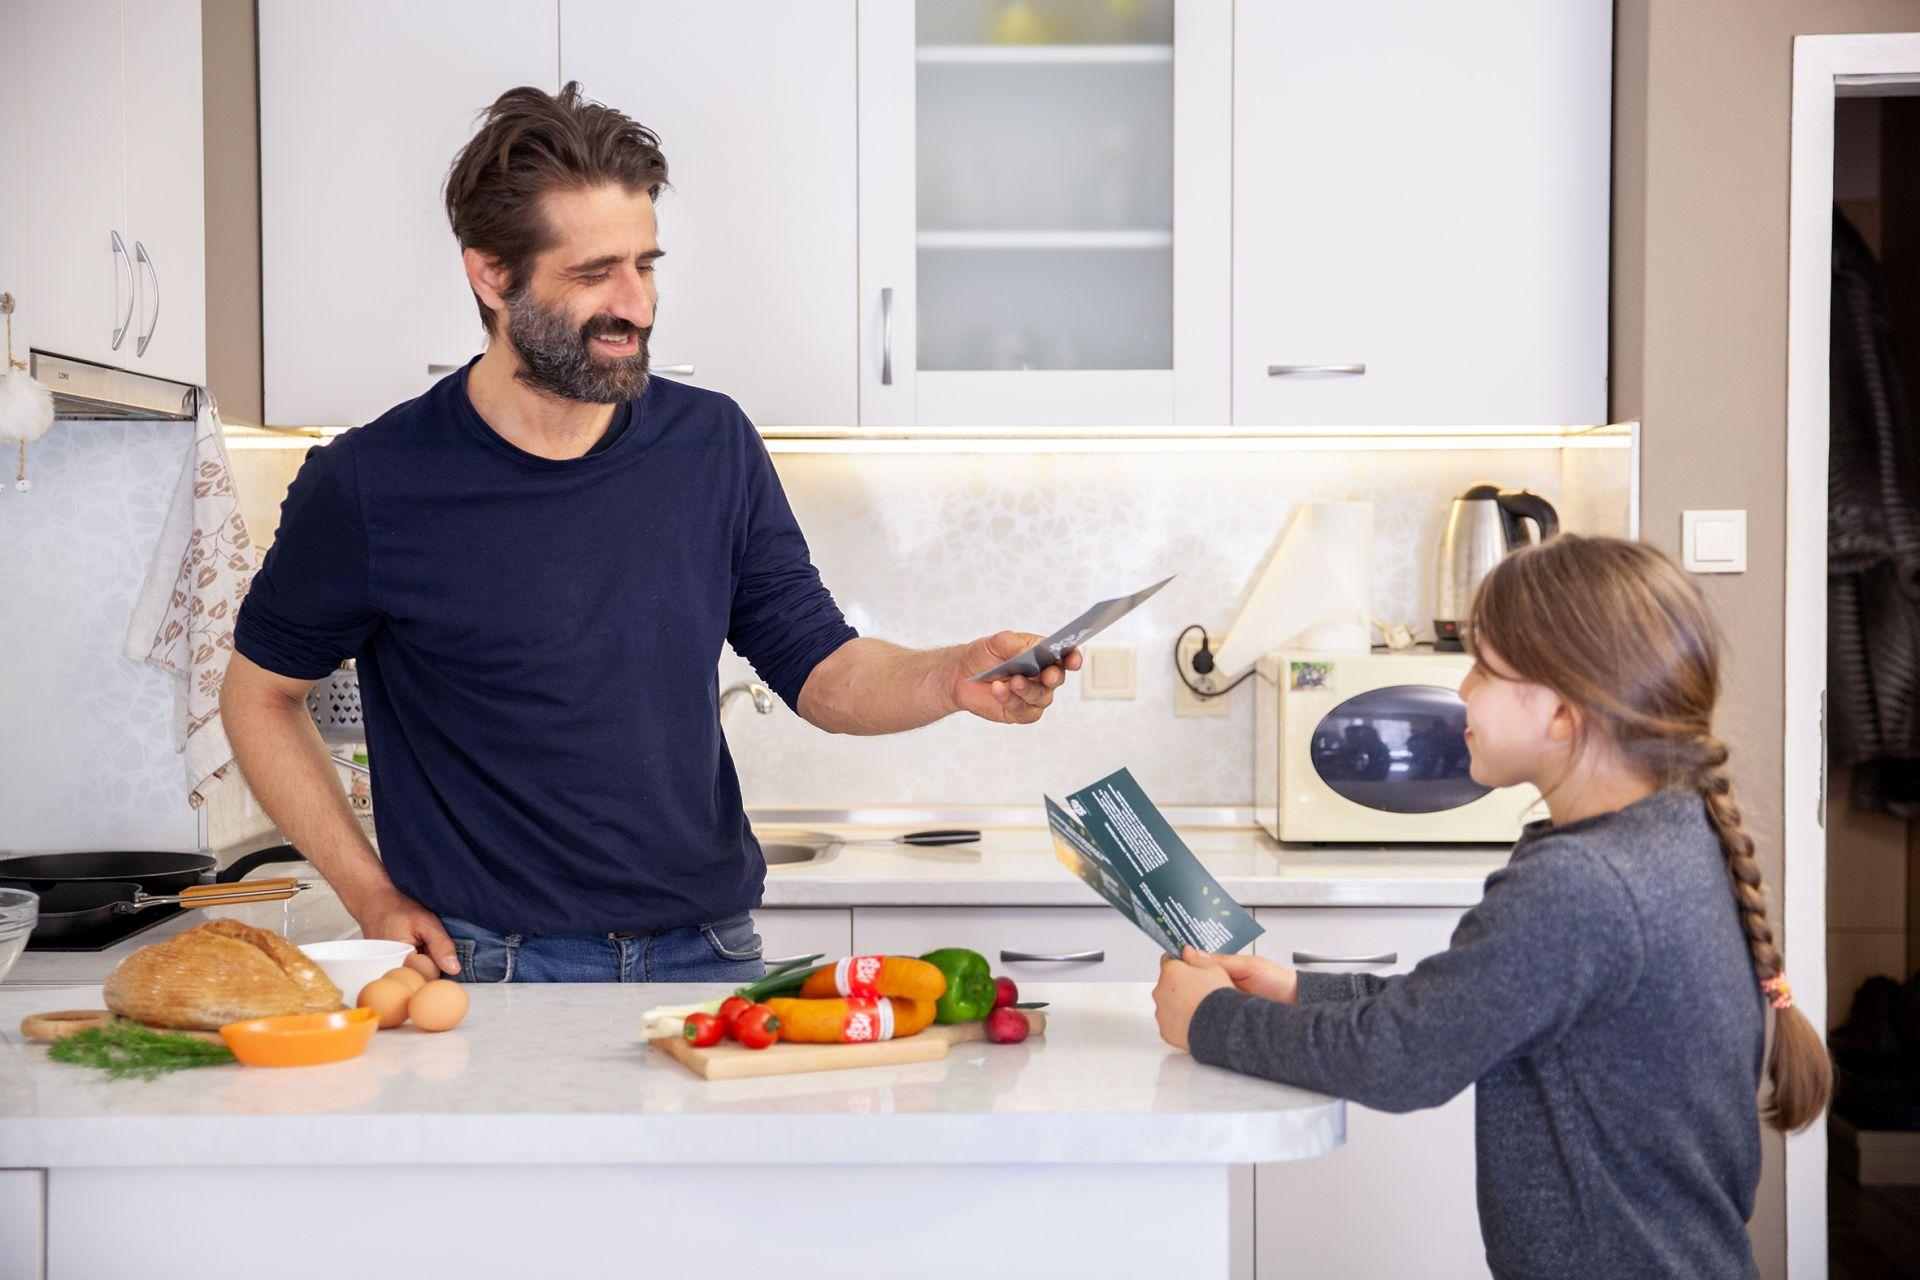 Рая подаде талоните с рецепти на татко си, за да избере 1